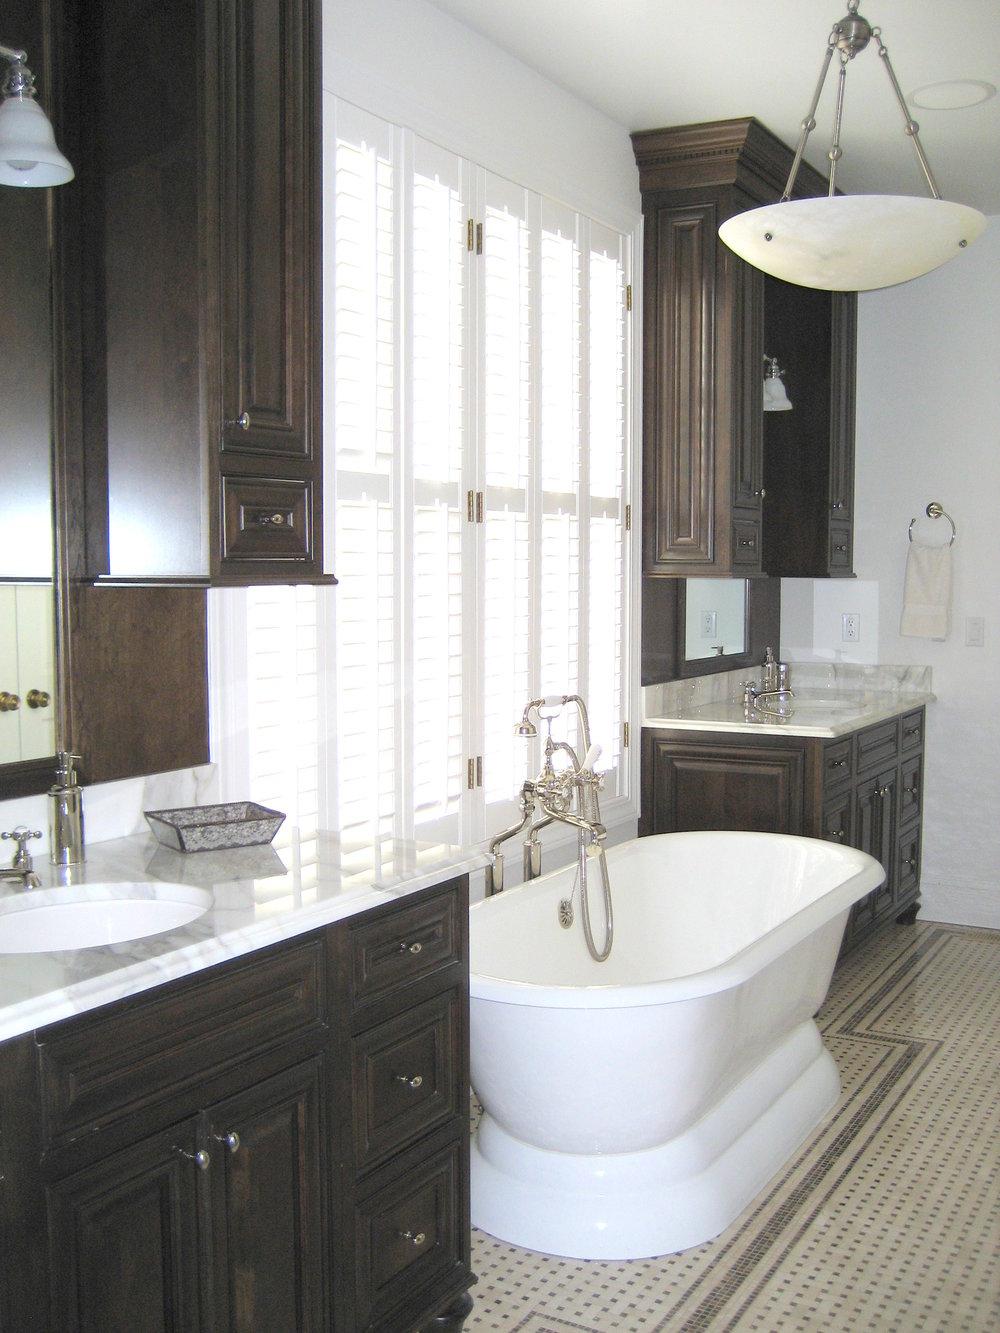 Macdonald bathroom.jpg